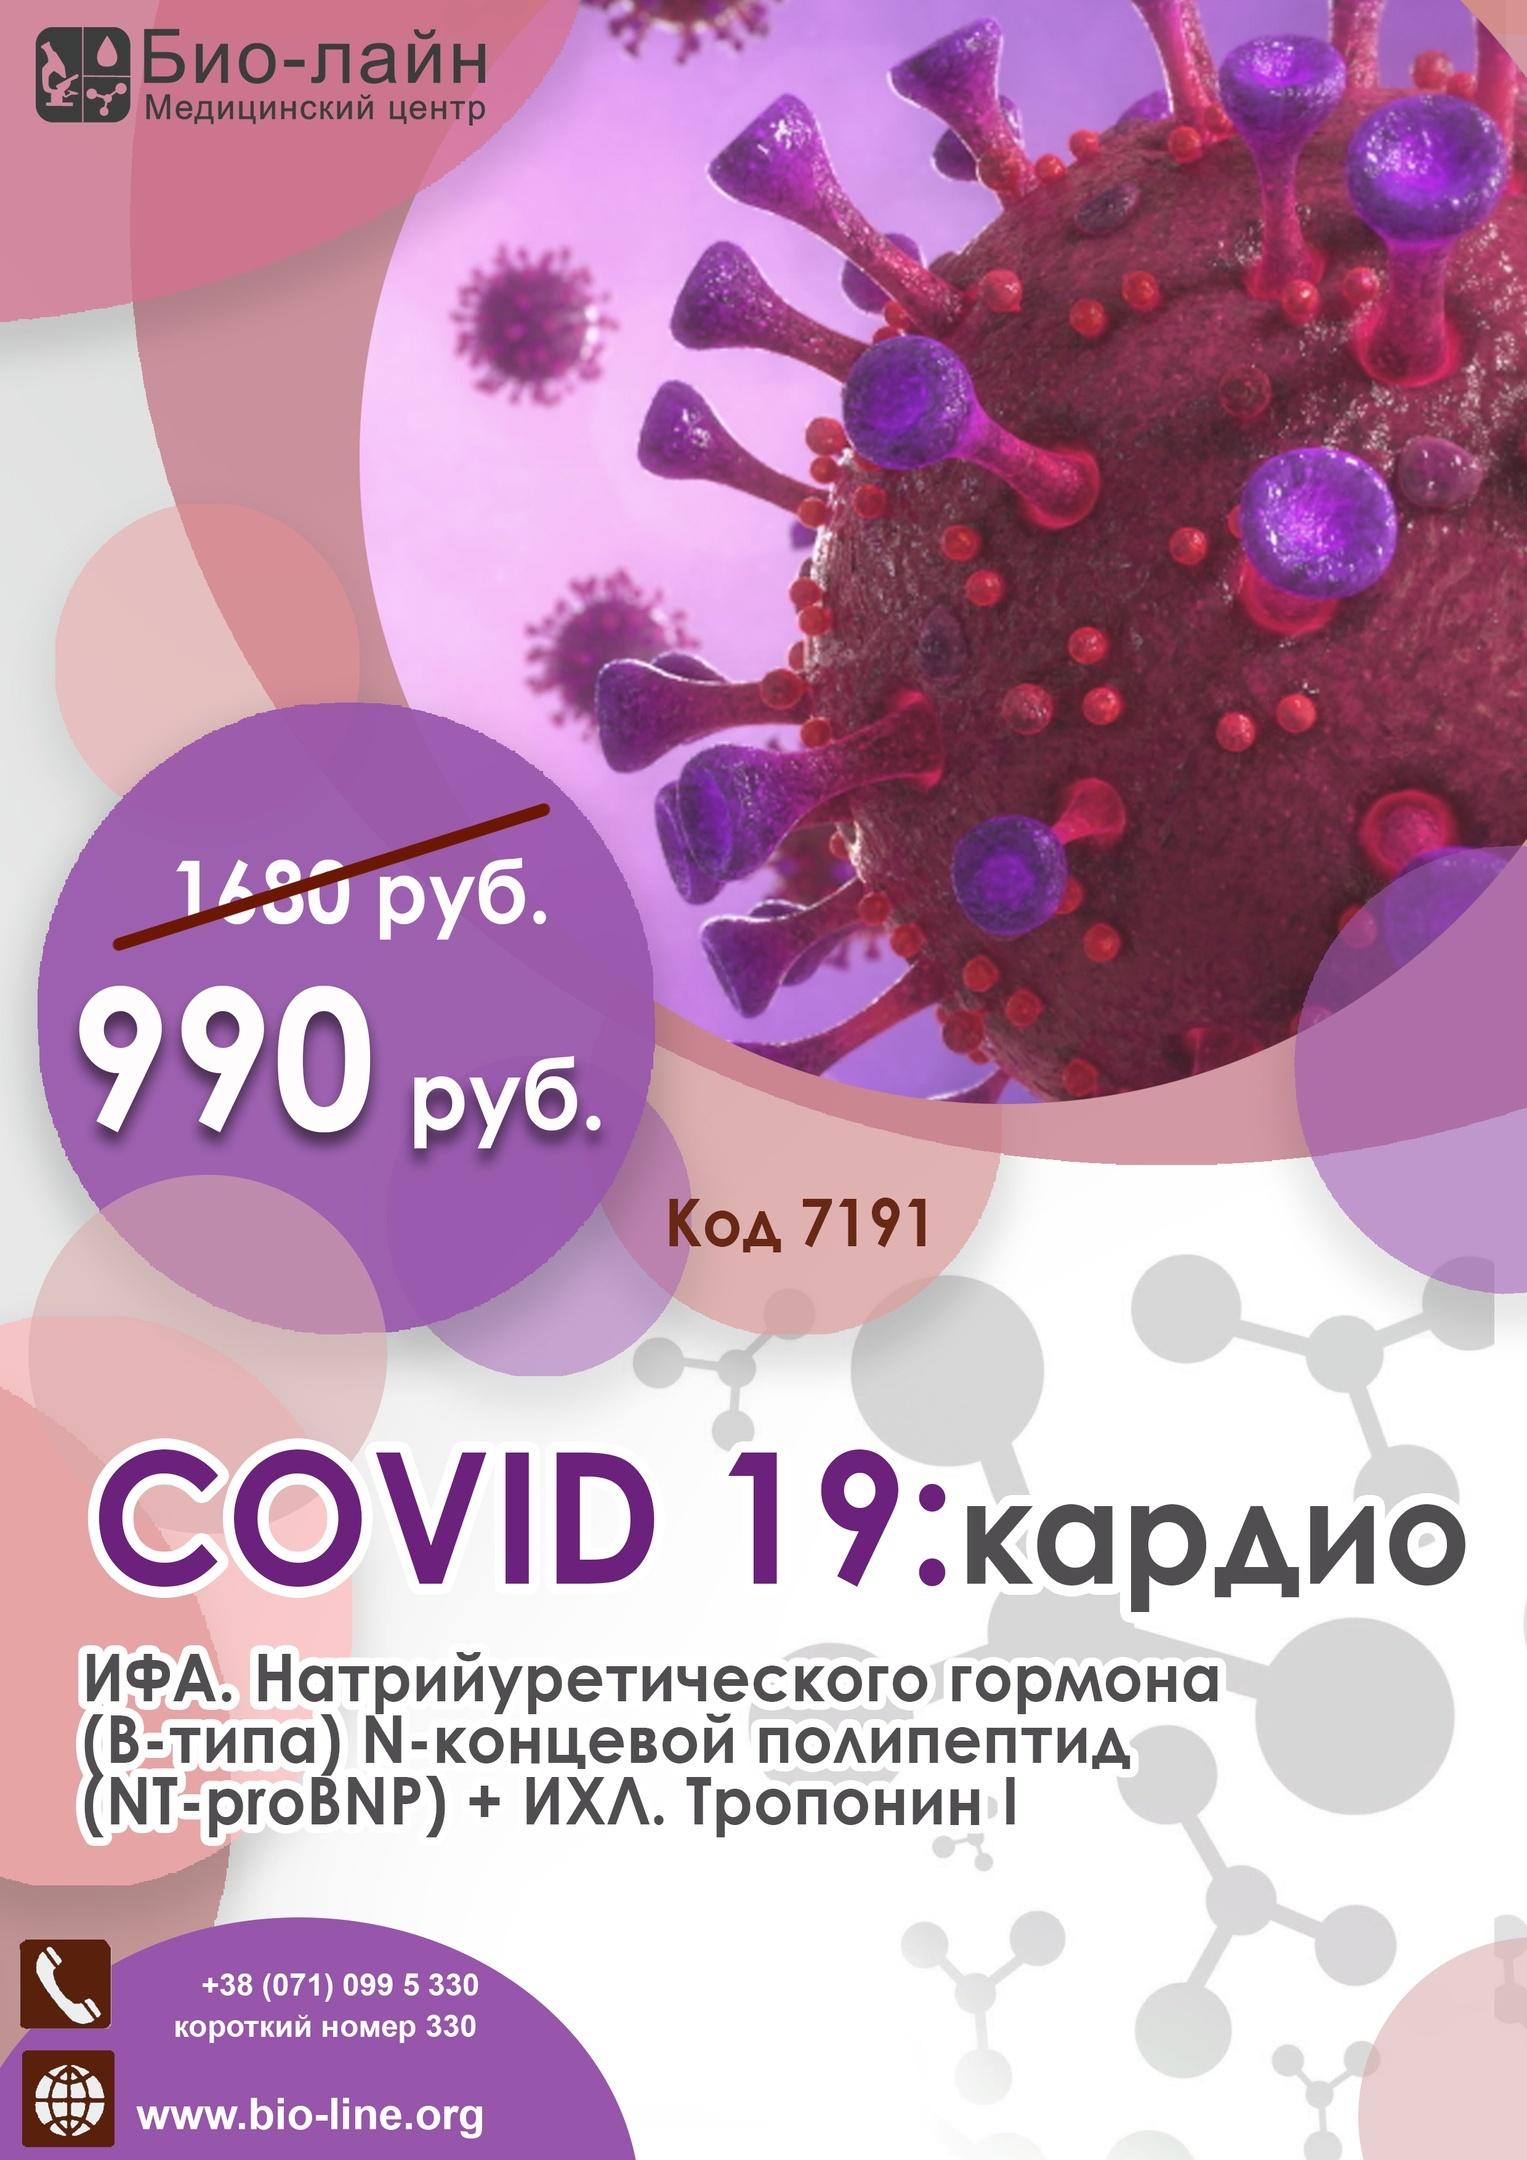 Медицинский центр Био-Лайн 5 yyhvang cw8